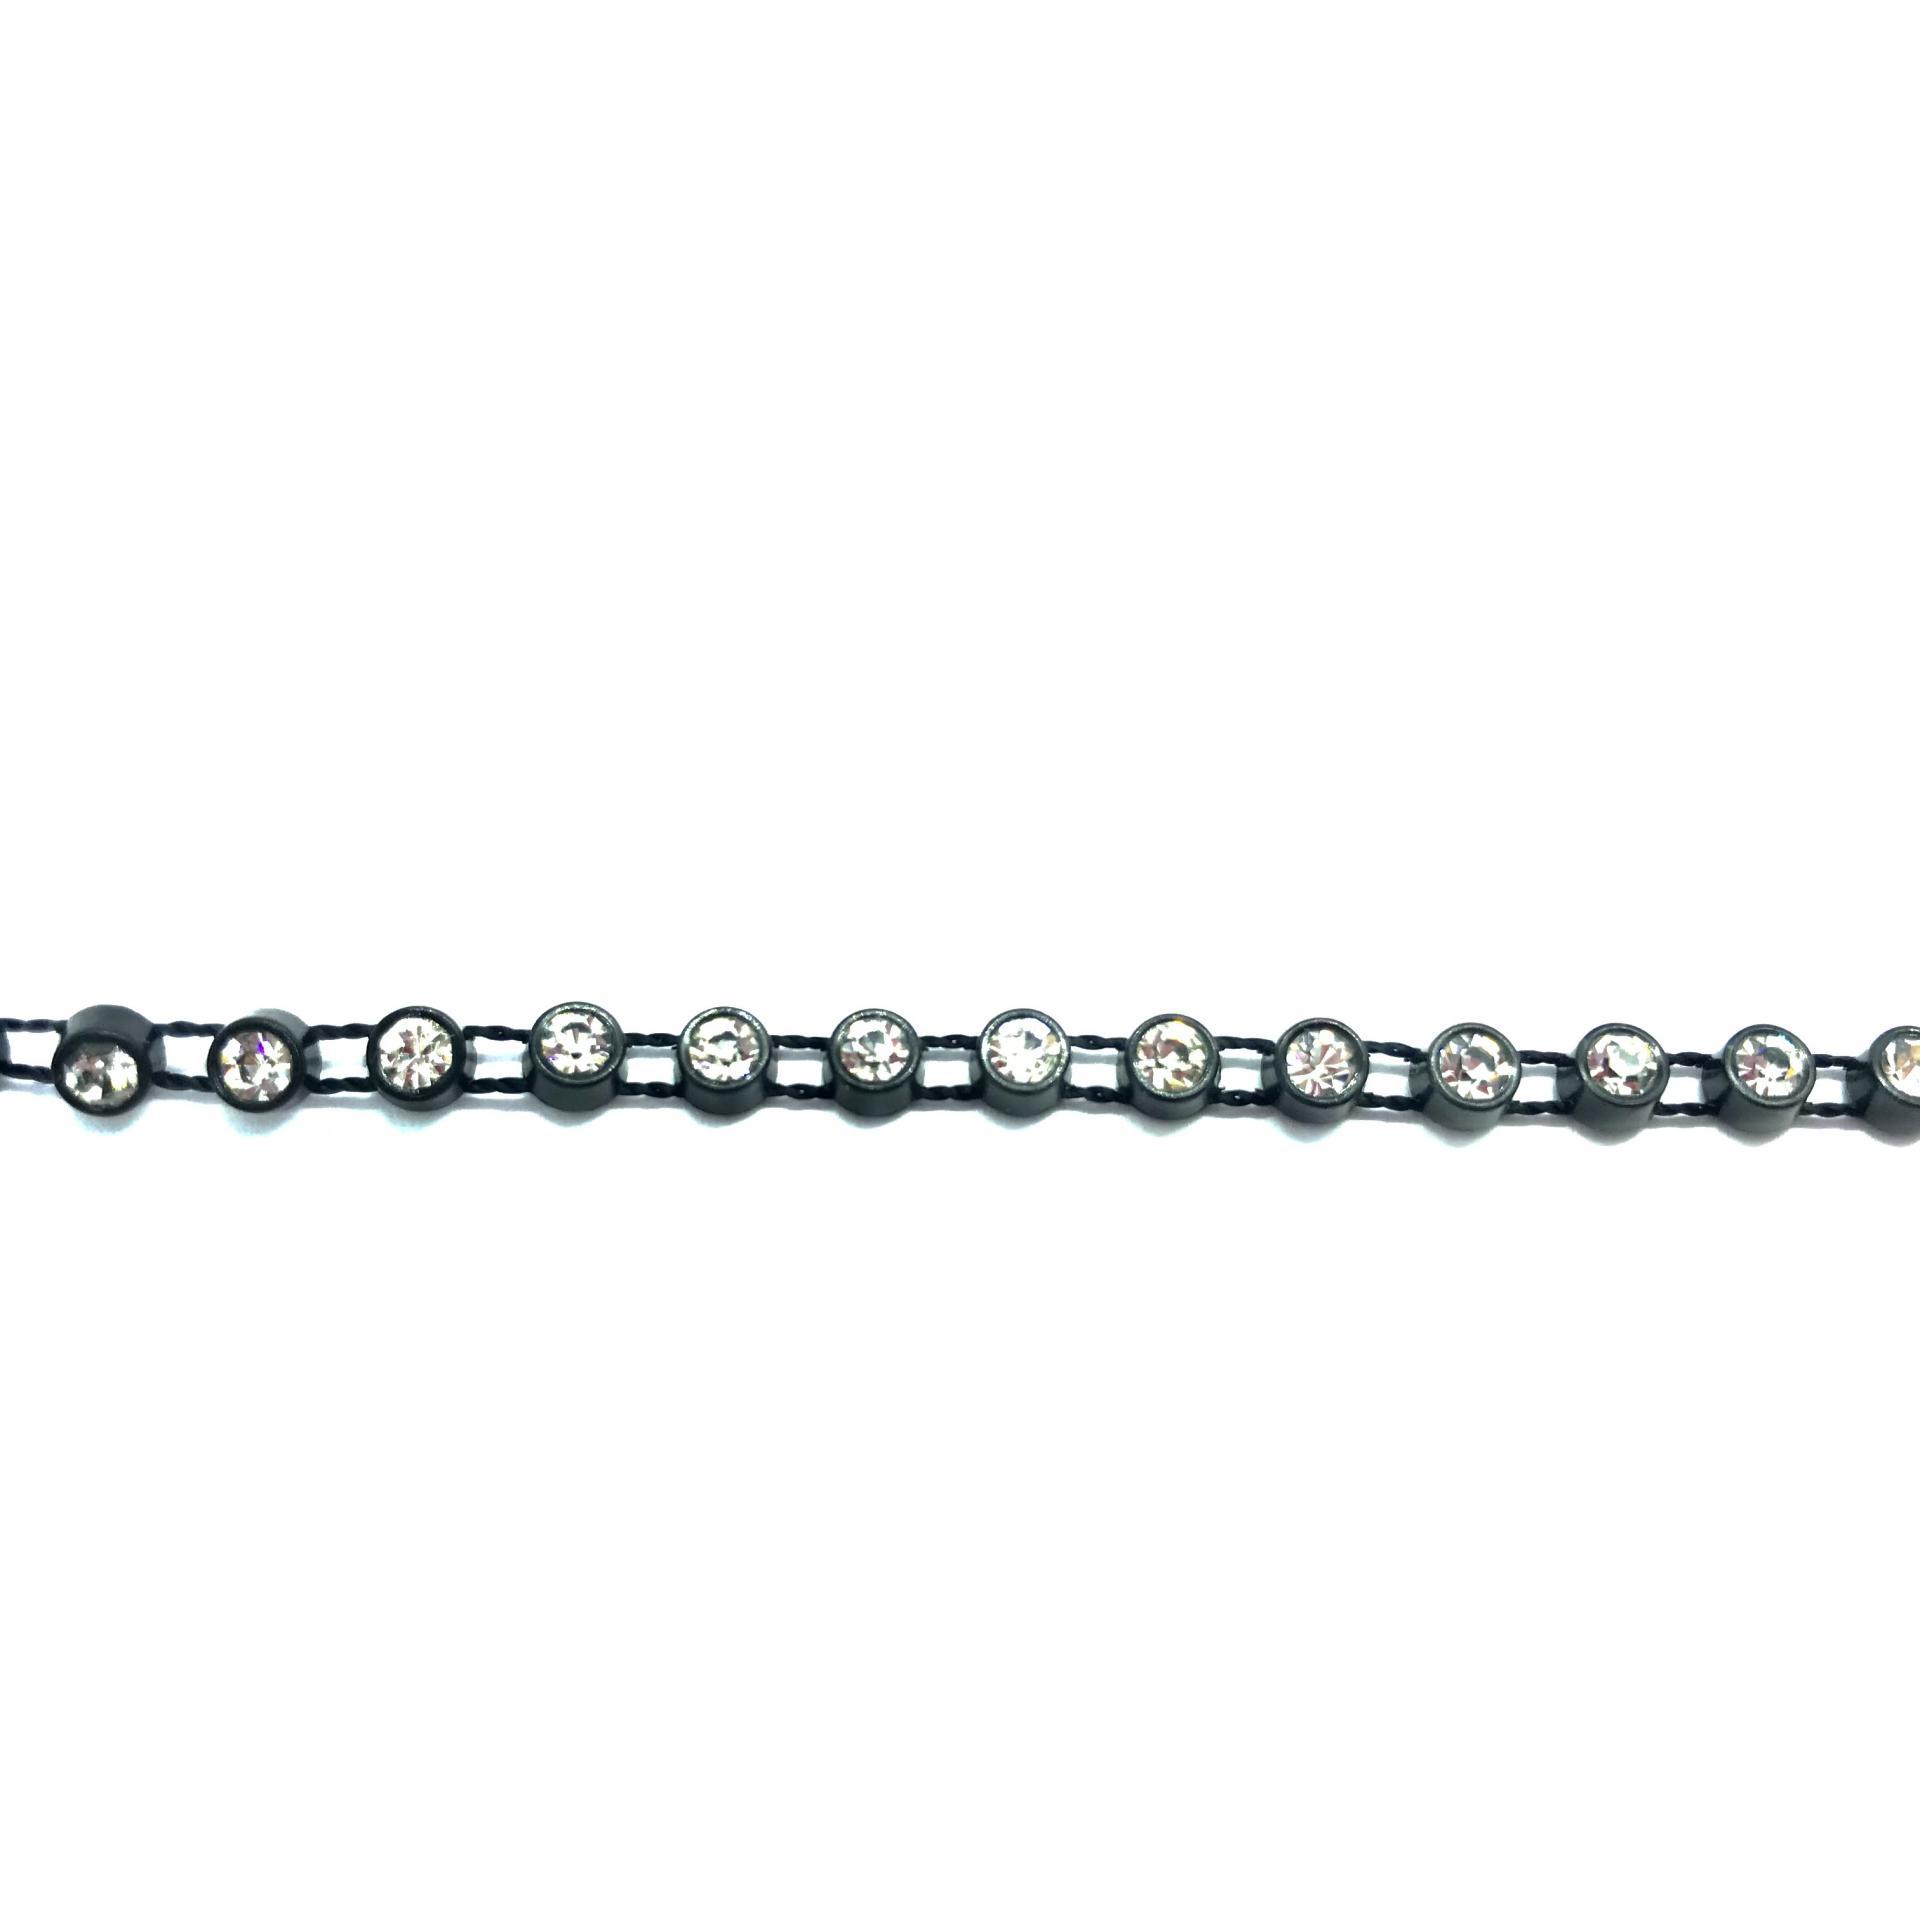 Galon de strass a coudre cristal base plastique noir 3mm